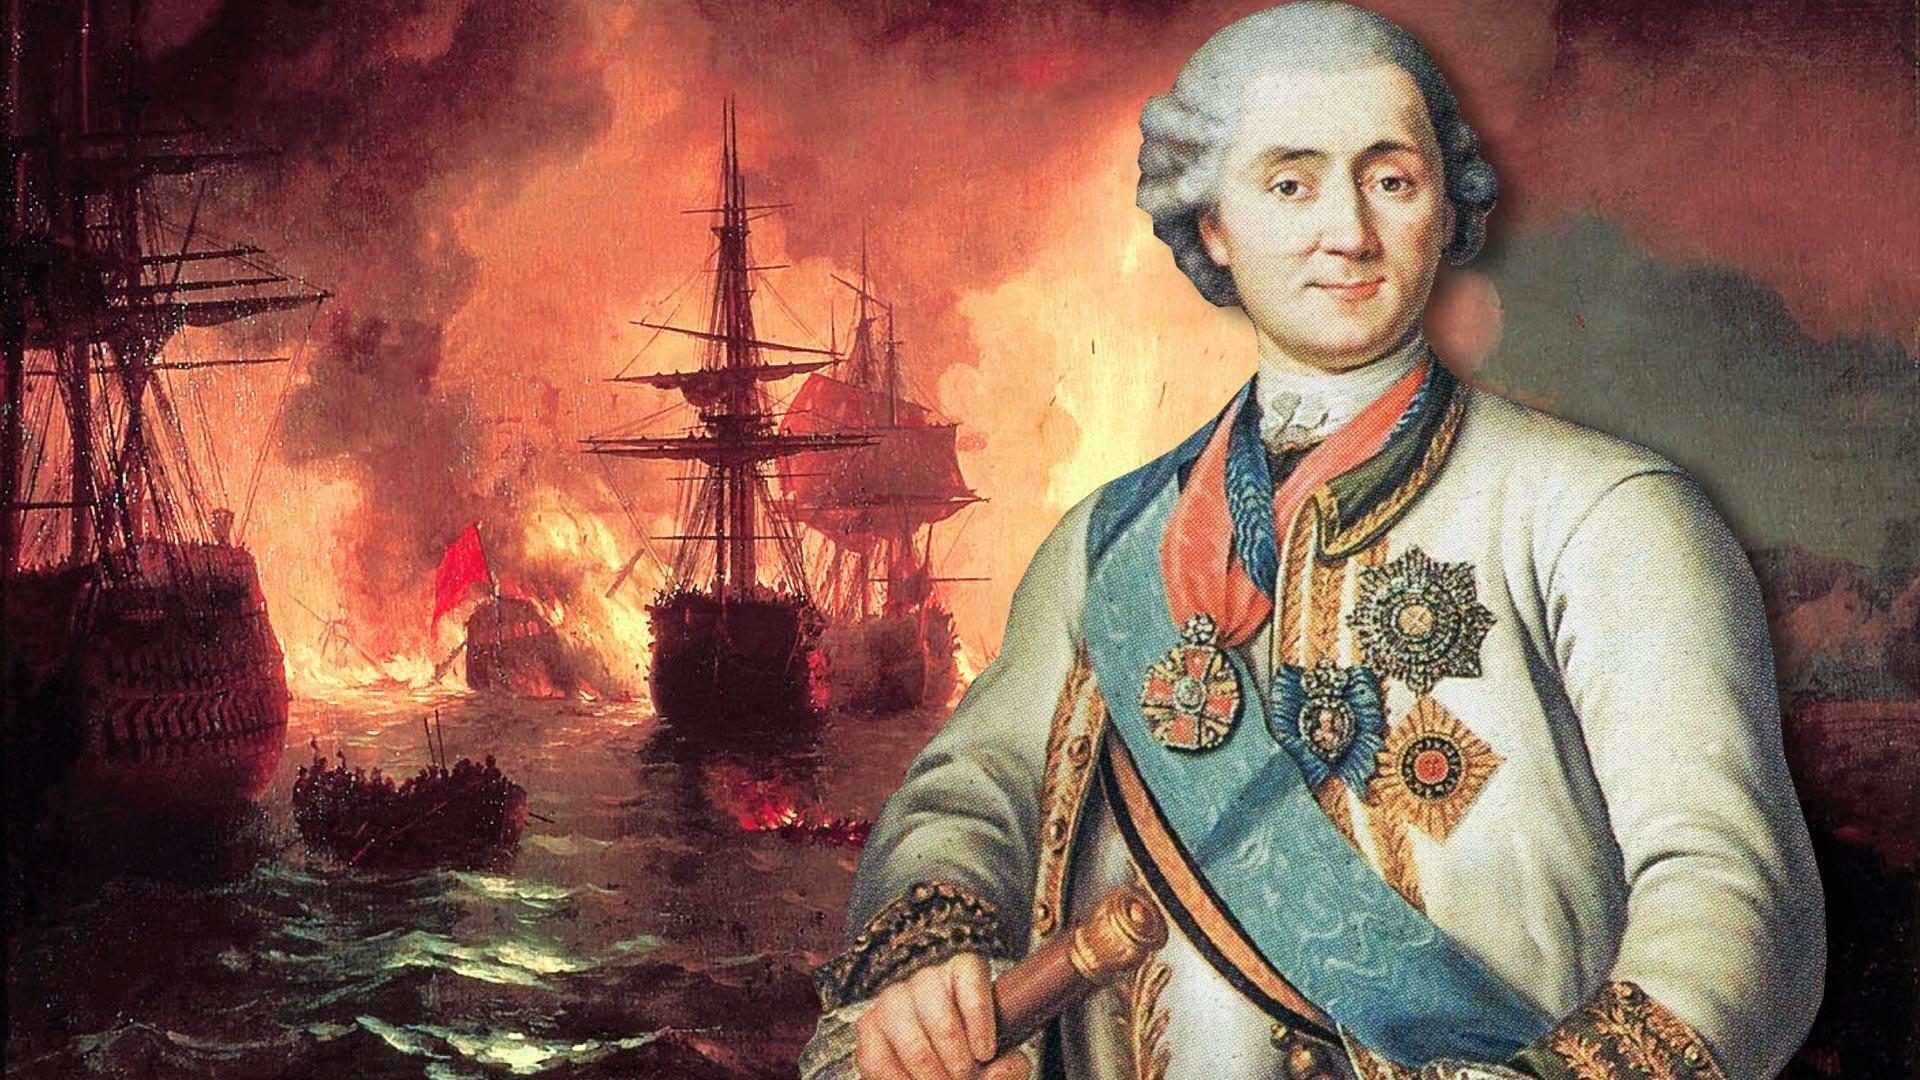 Когда русские завоевали Бейрут: Первые российские военные базы на Ближнем Востоке могли появиться ещё в XVIII веке